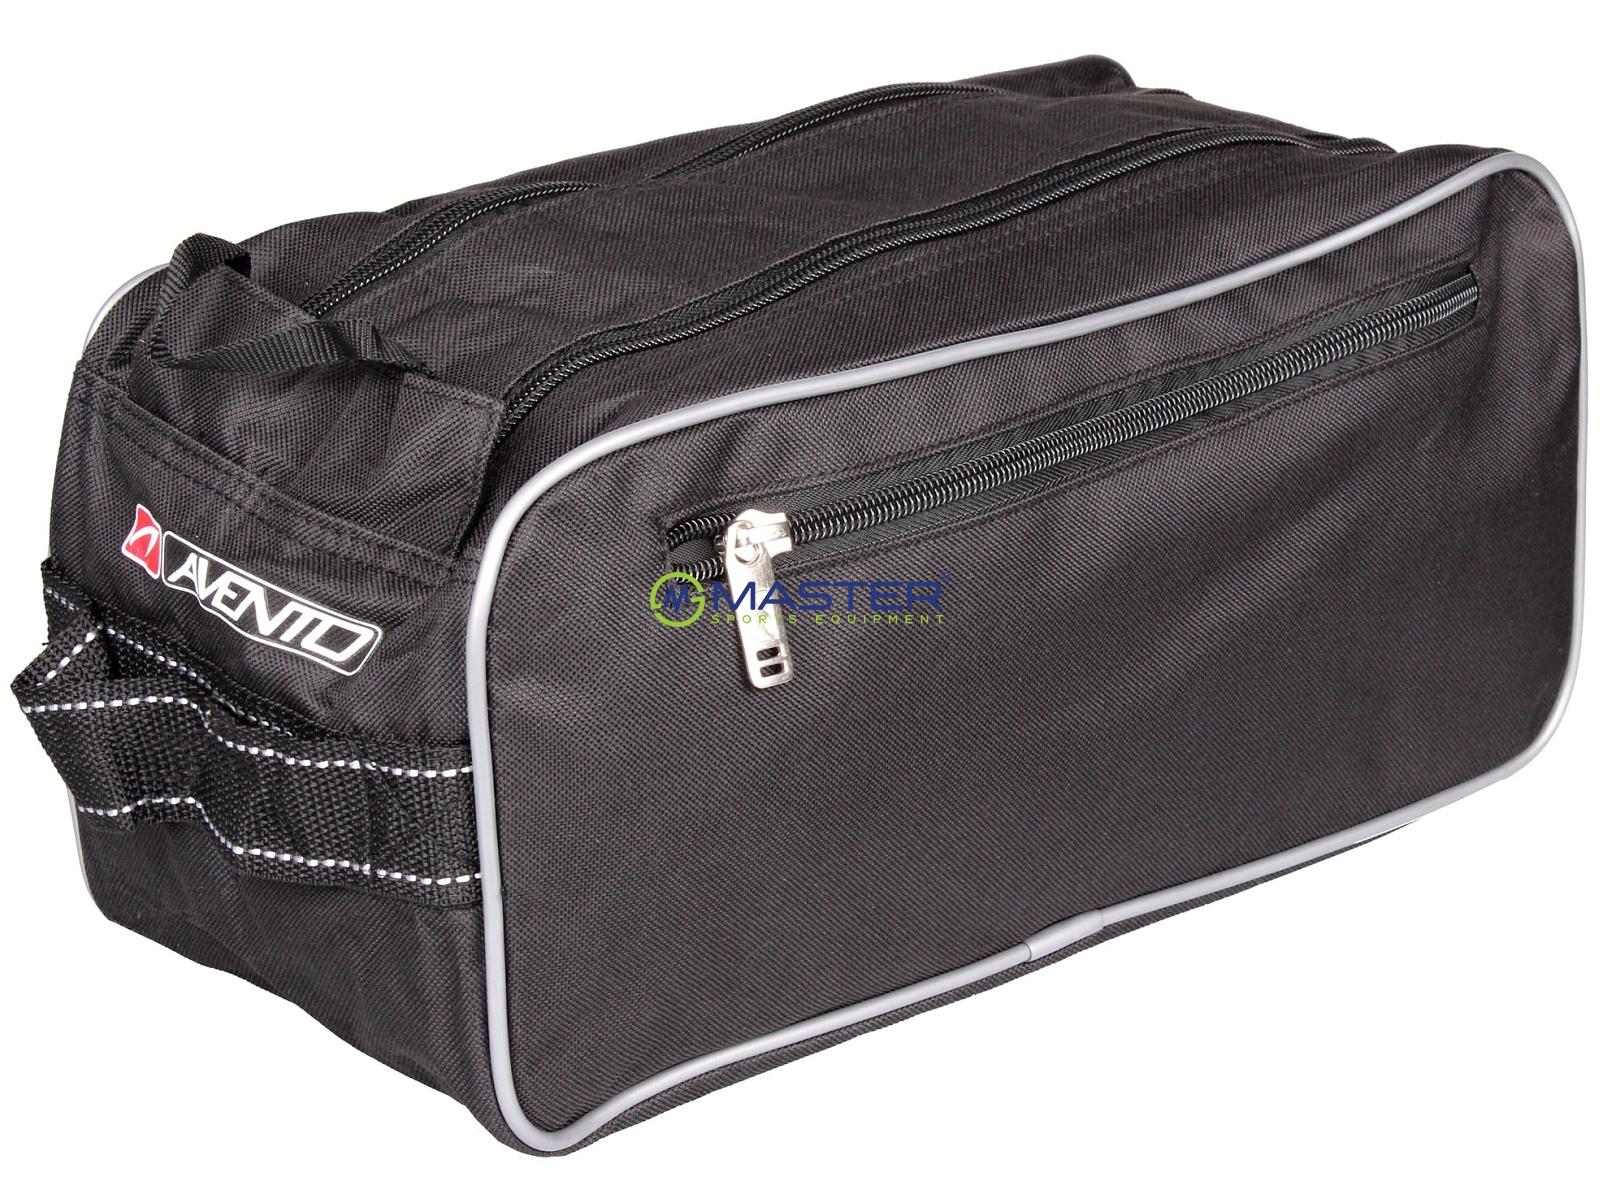 d705814056f Sportovní taška na boty AVENTO 8L černá